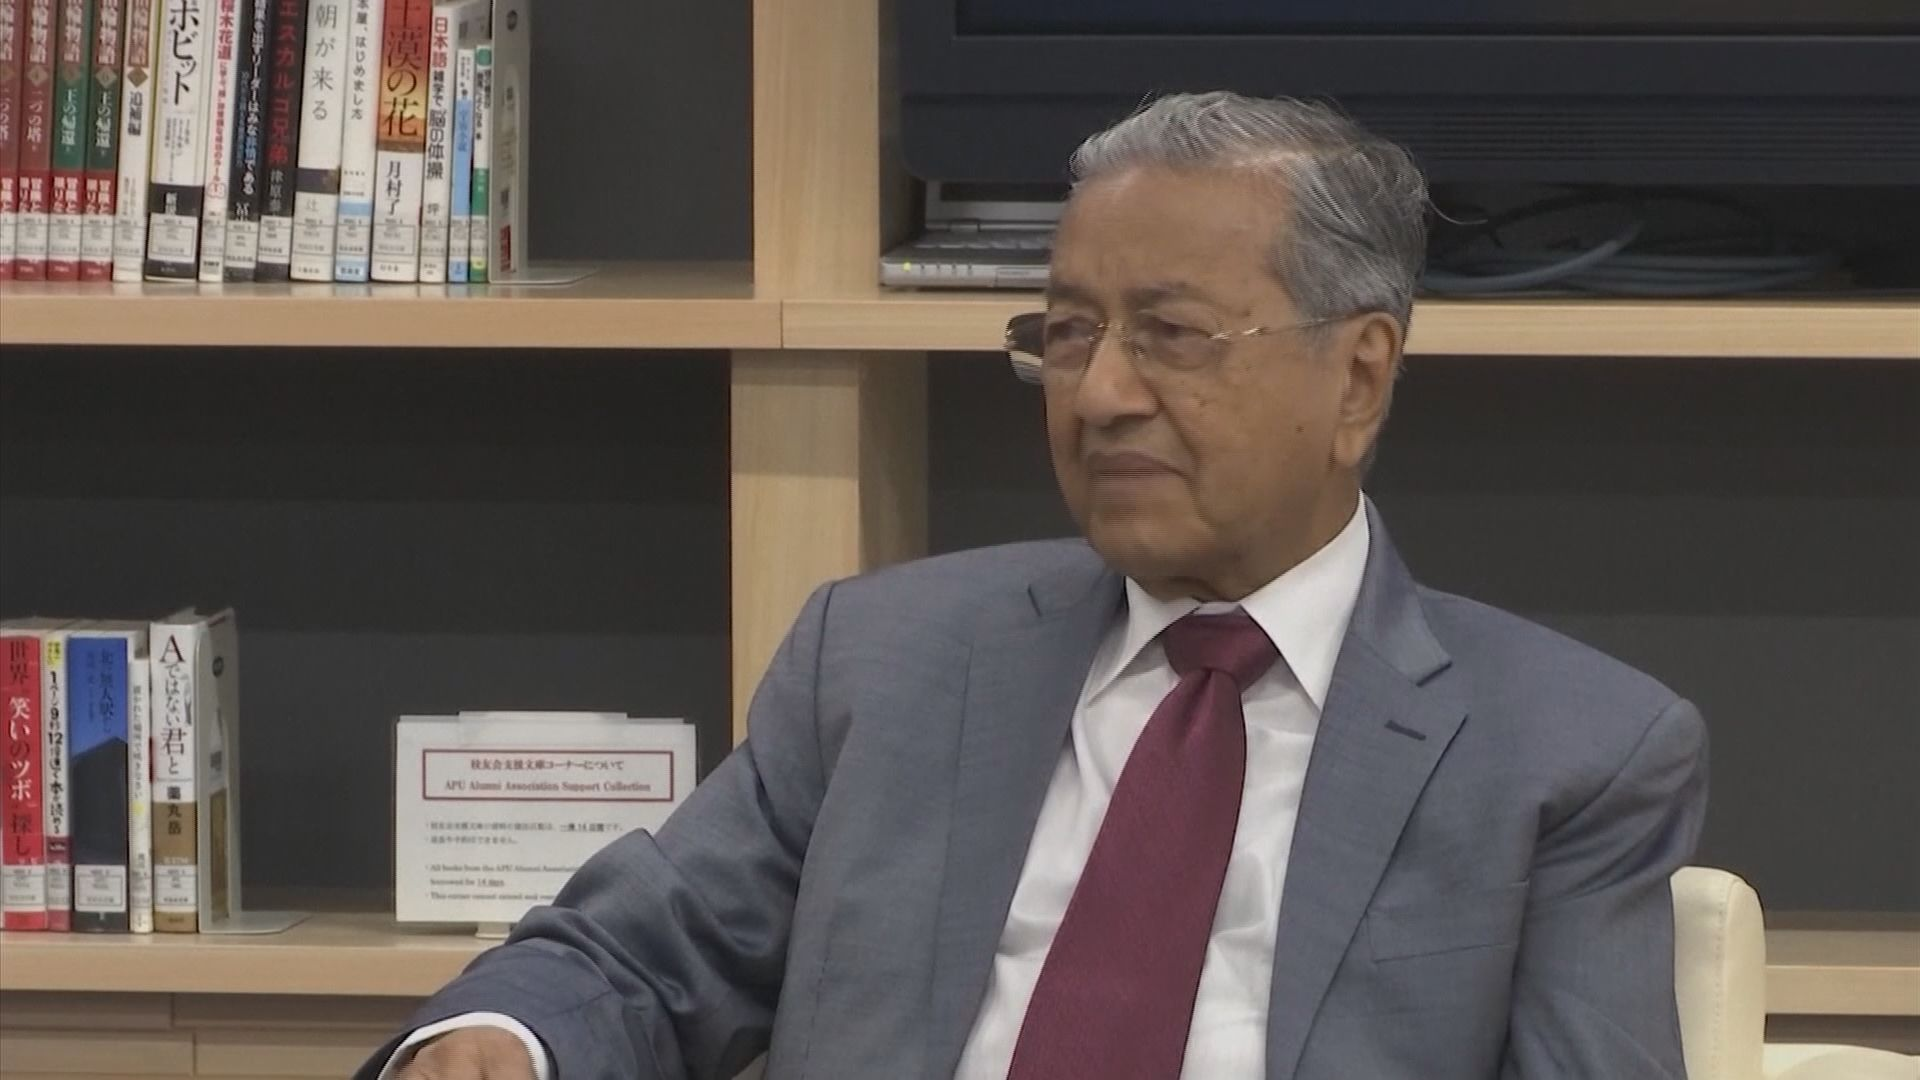 分析指馬哈蒂爾訪華是為馬來西亞爭經濟效益